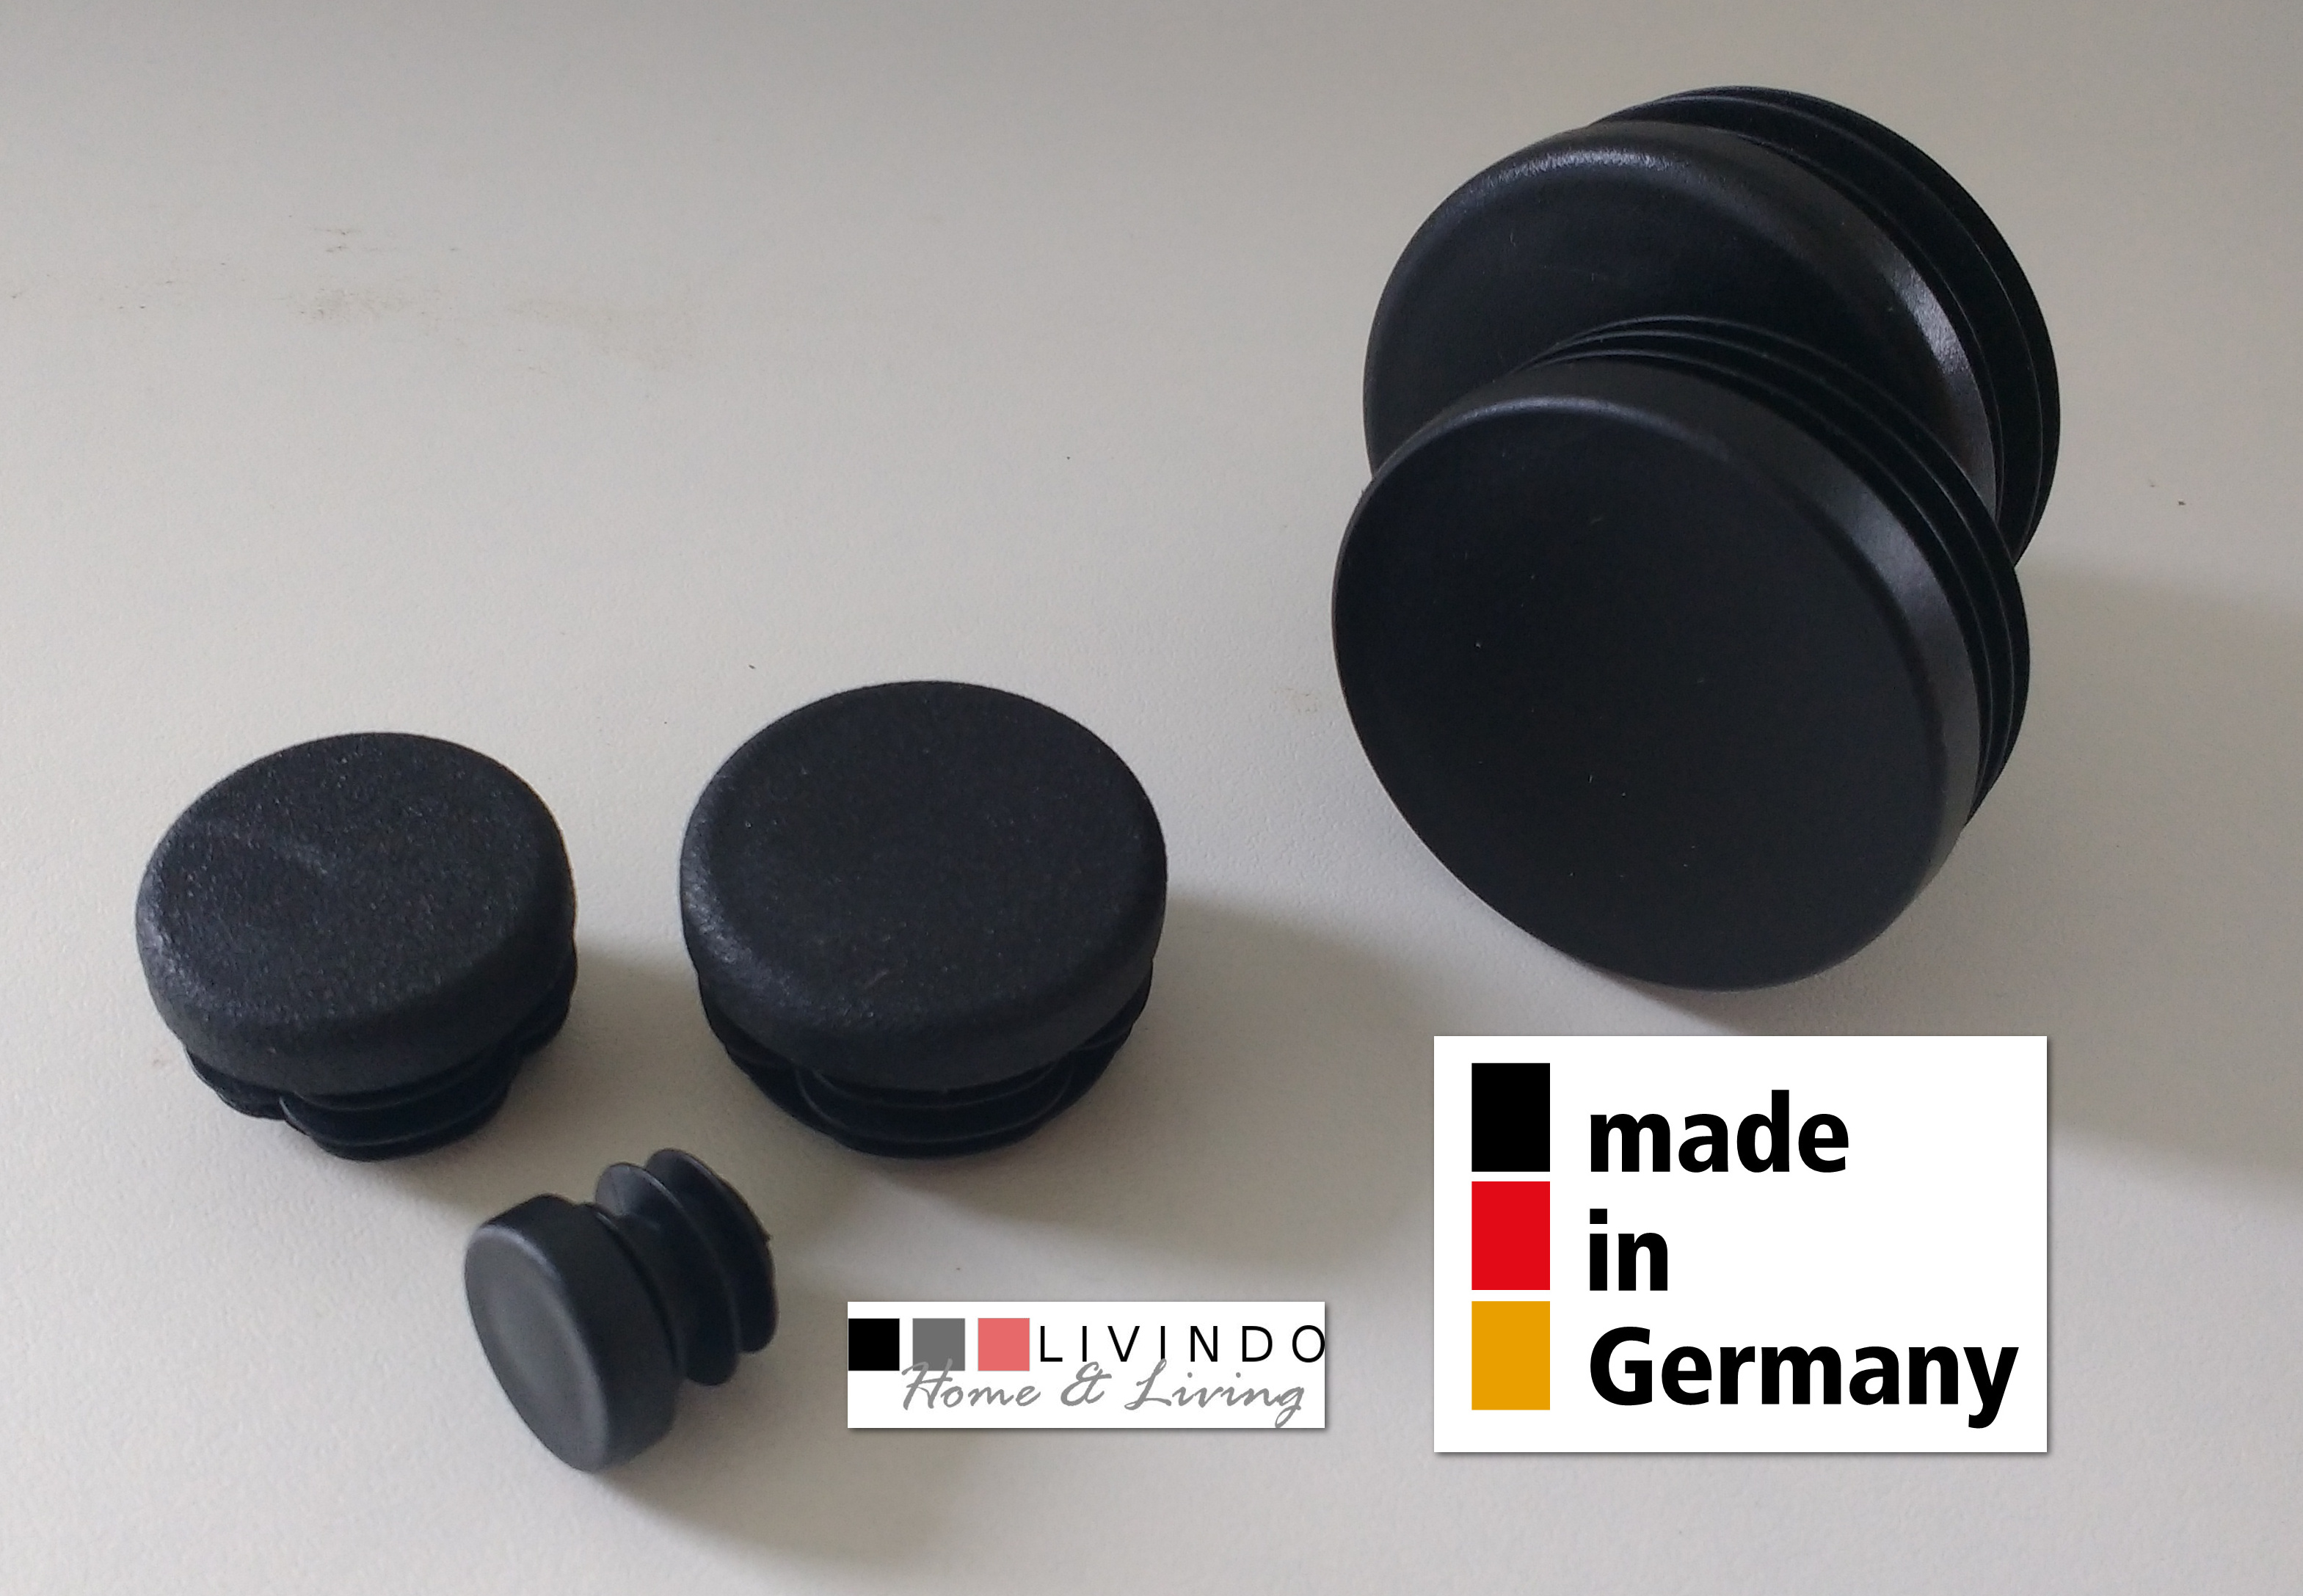 10 Stck. Lamellenstopfen Rohrstopfen Pfostenkappen Rund 45 mm mm Schwarz